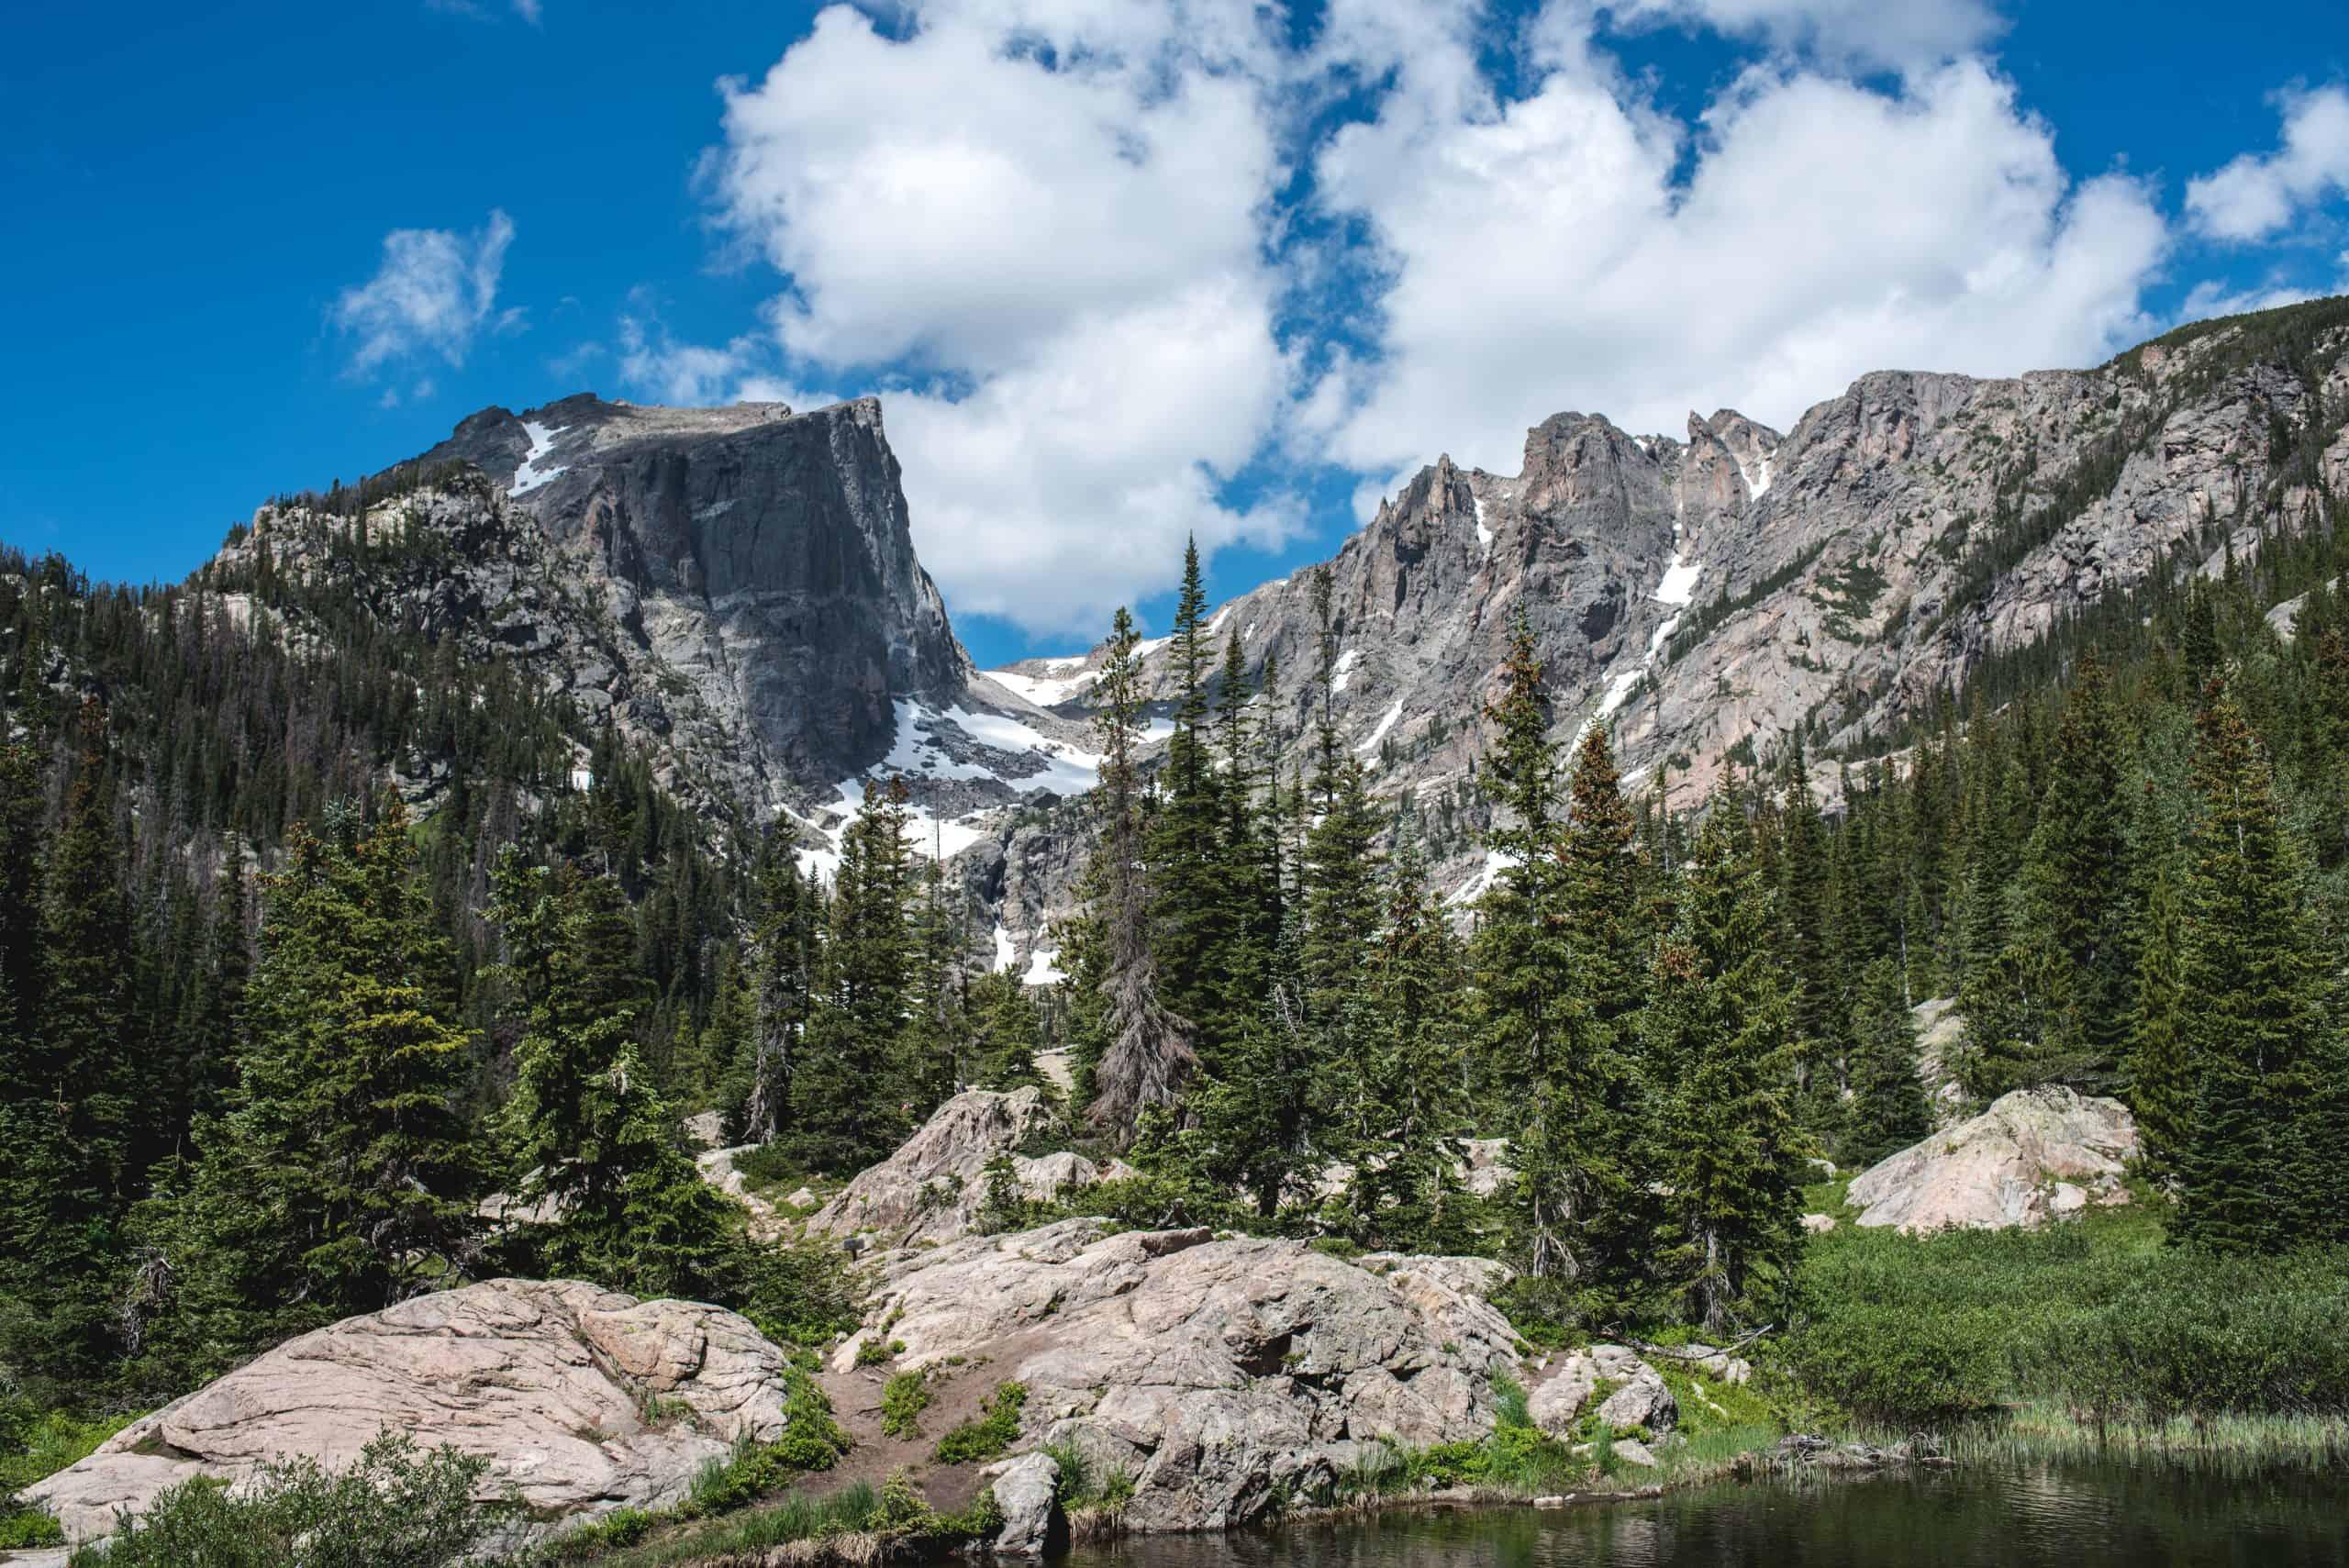 4 Days in Colorado Itinerary: Denver, Boulder, RMNP, & Colorado Springs